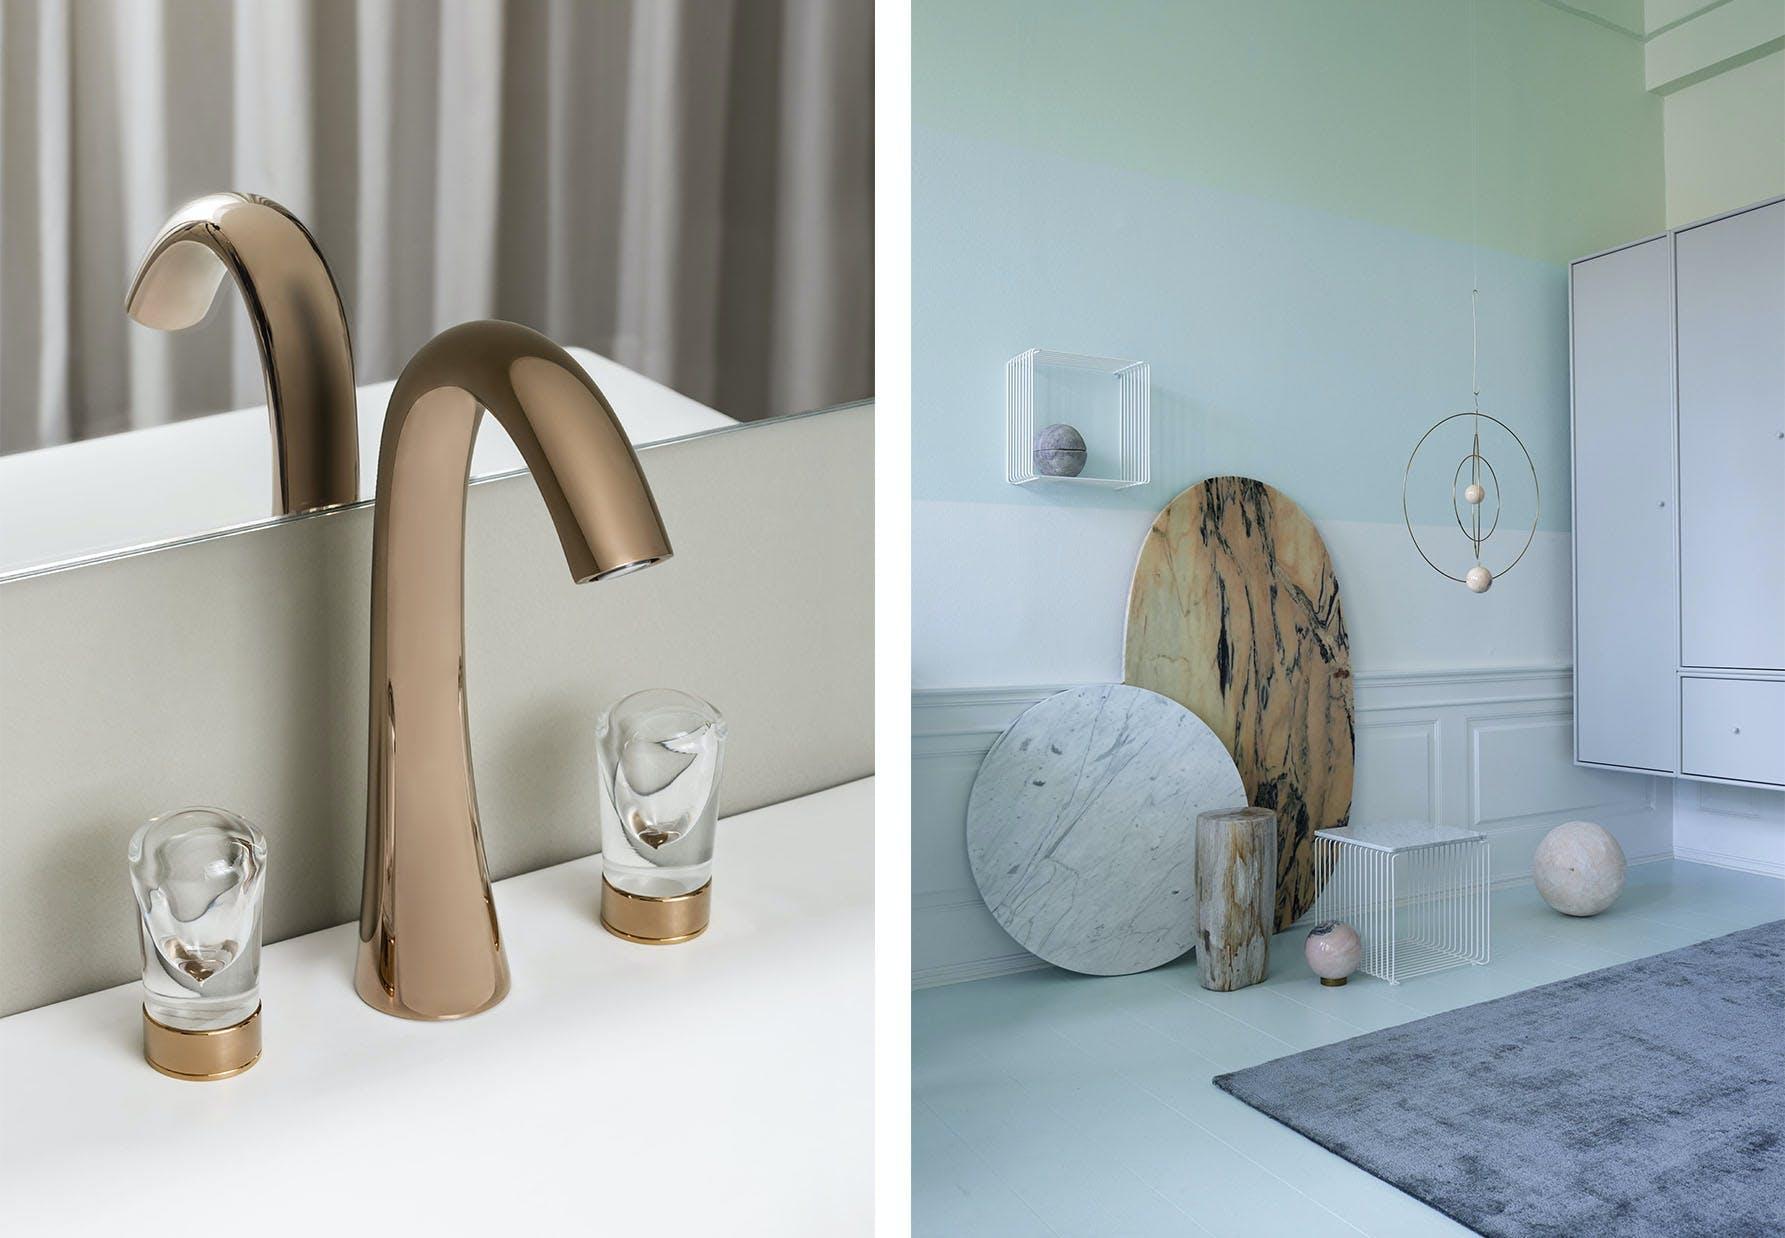 badeværelses armatur Nude af Sybille de Margerie og montana